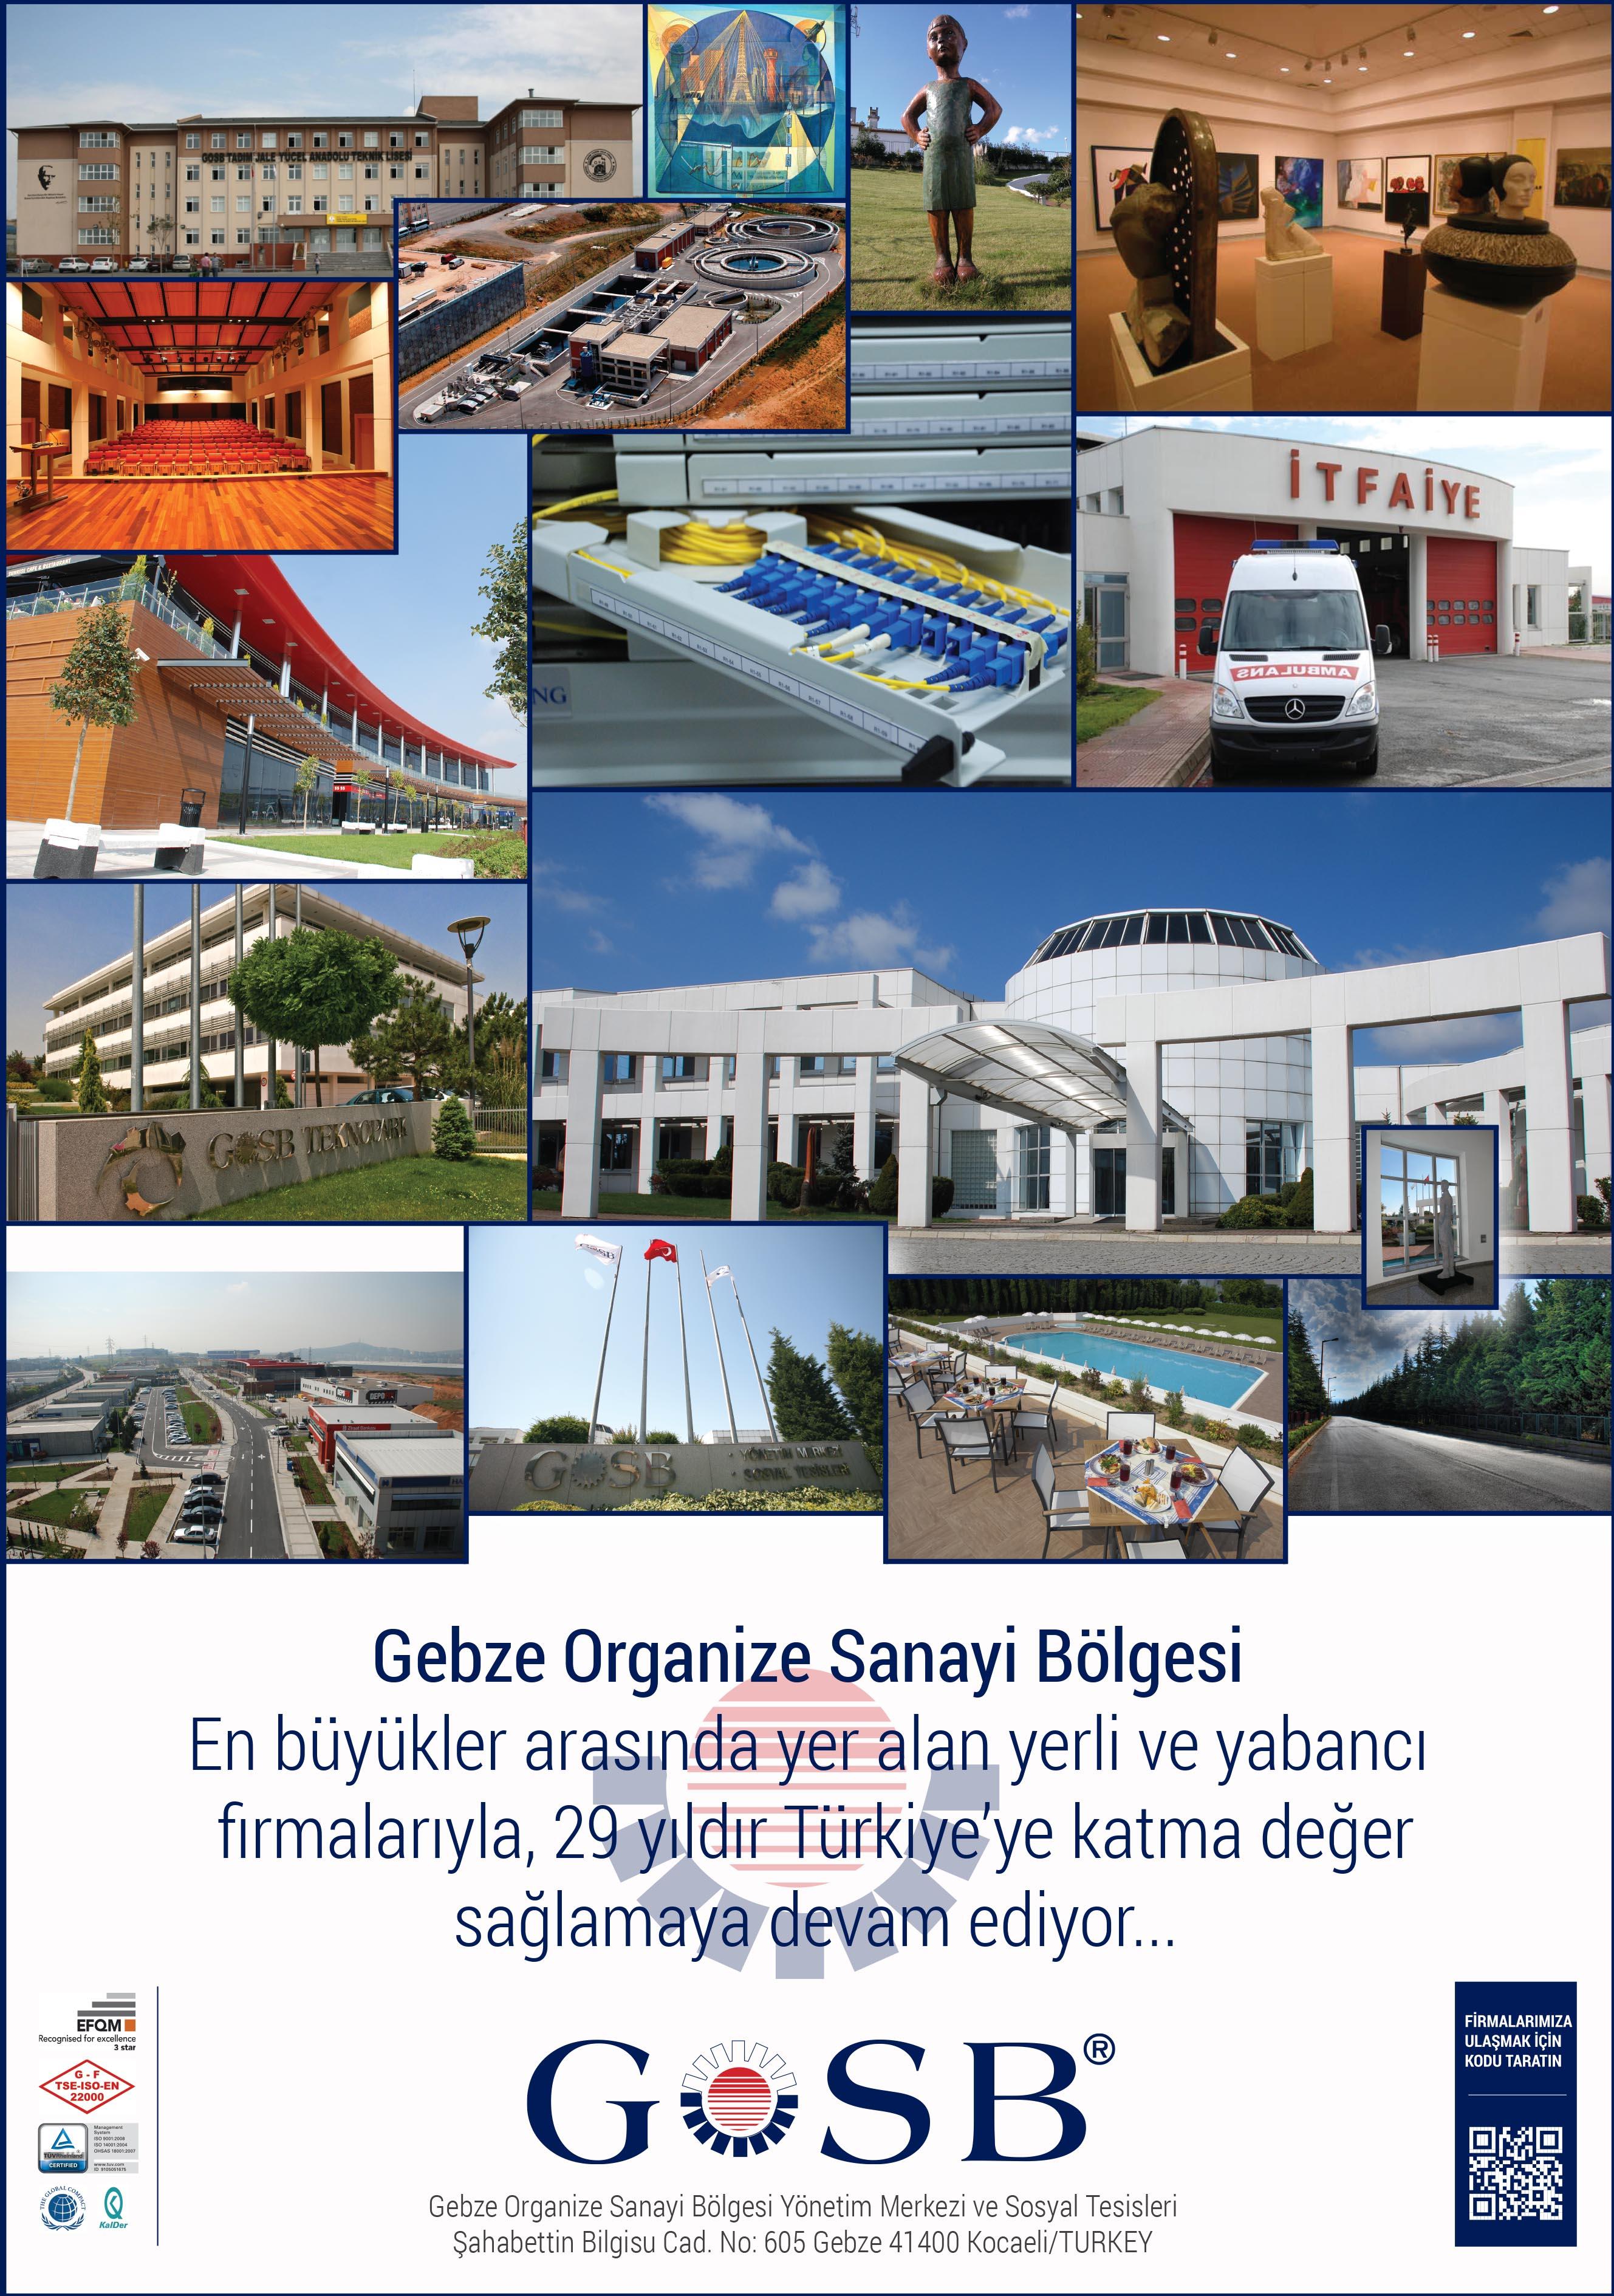 Gebze Organize Sanayi Bölgesi